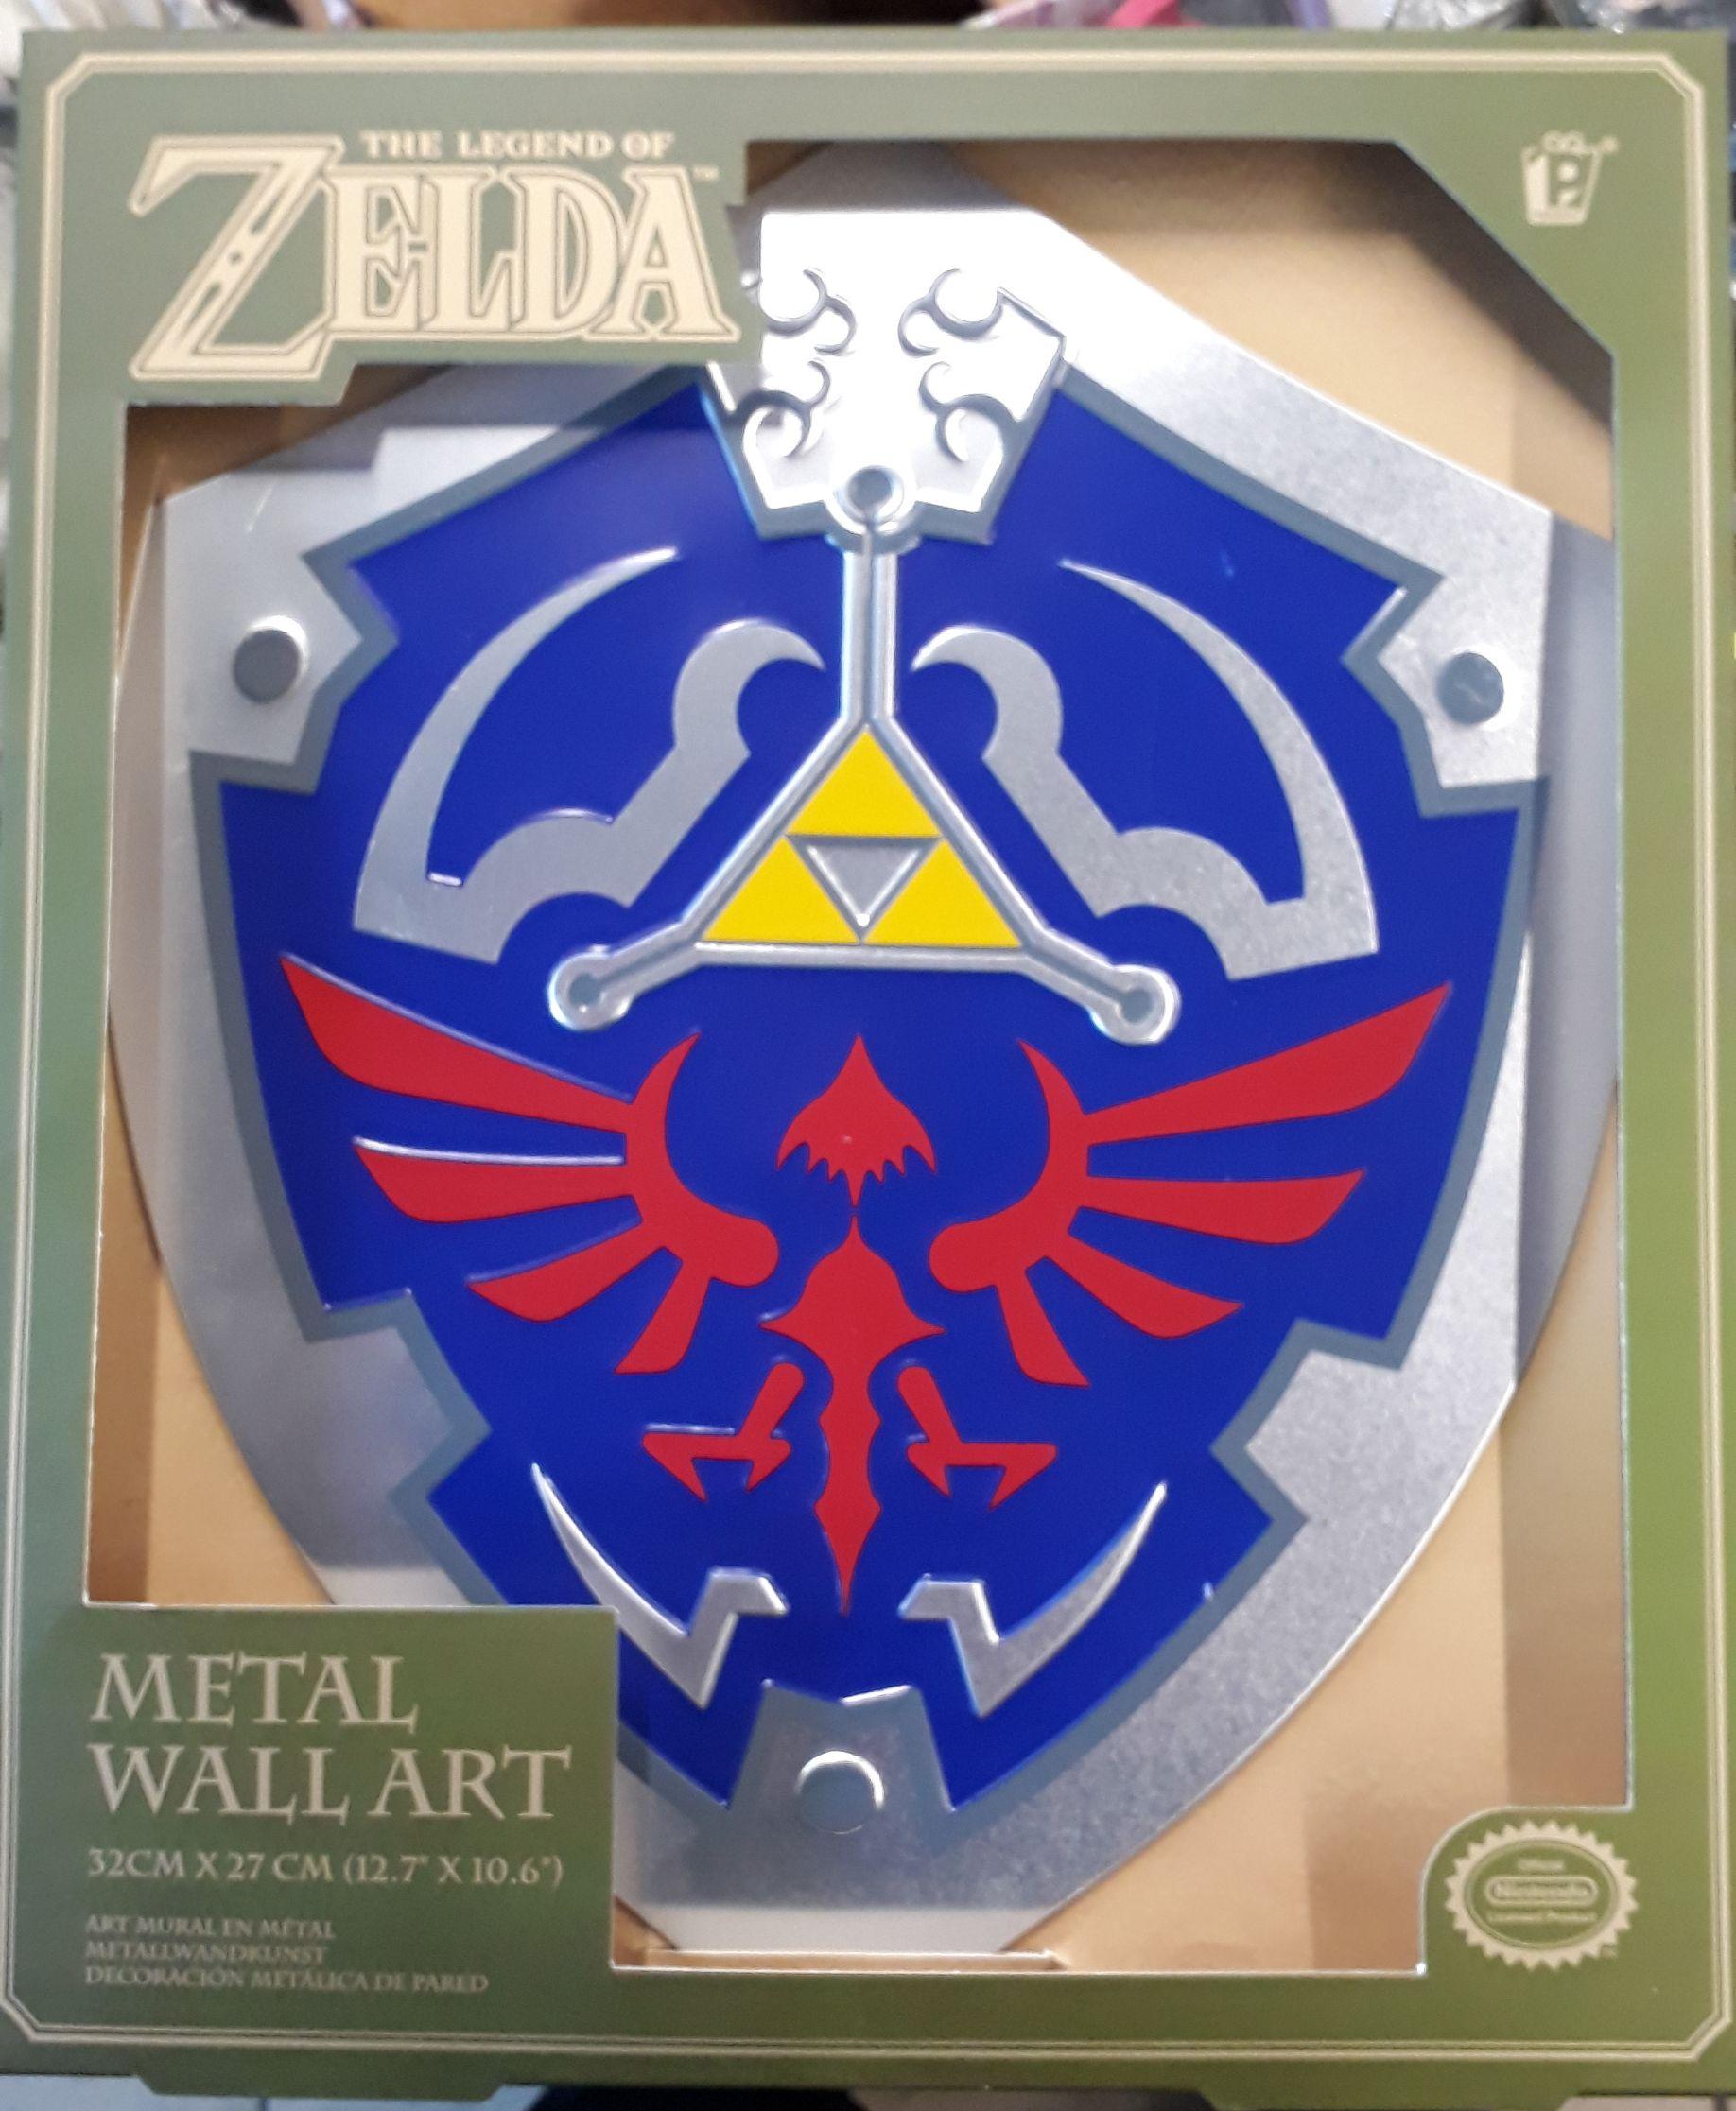 The Legend of Zelda Metal Wall Art